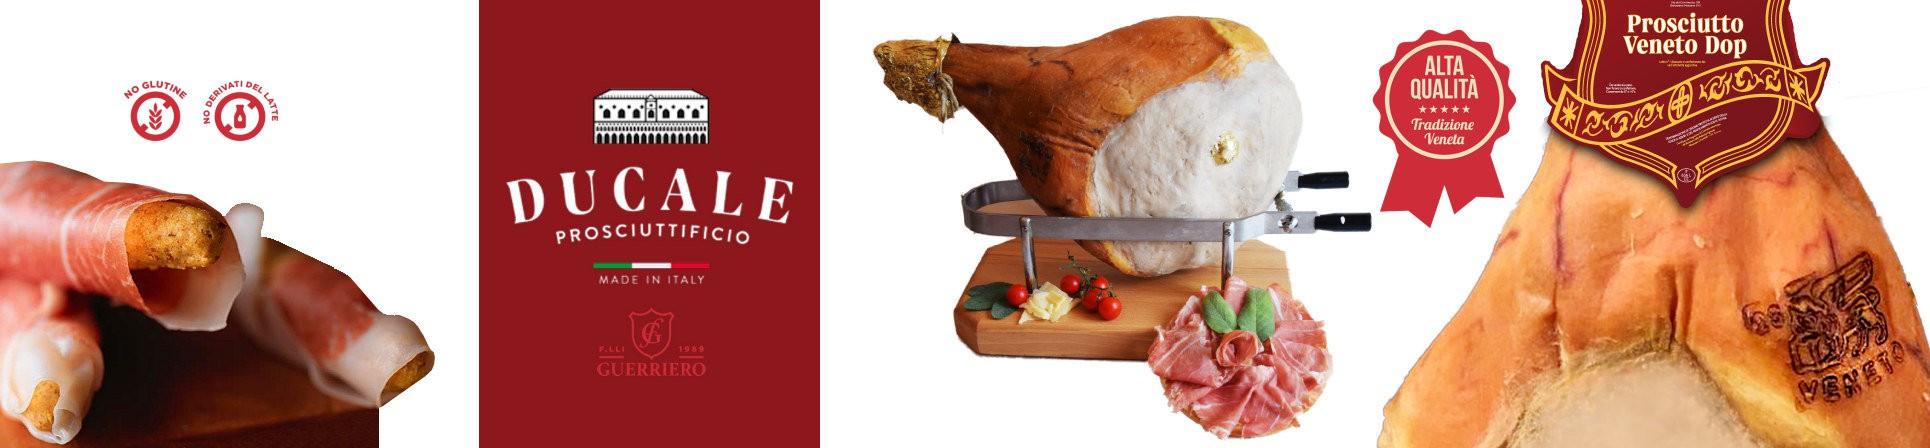 B2B GUSTOX - il Marketplace all'ingrosso delle eccellenze agroalimentari italiane - Prosciutto Veneto DOP - Prosciuttificio Ducale